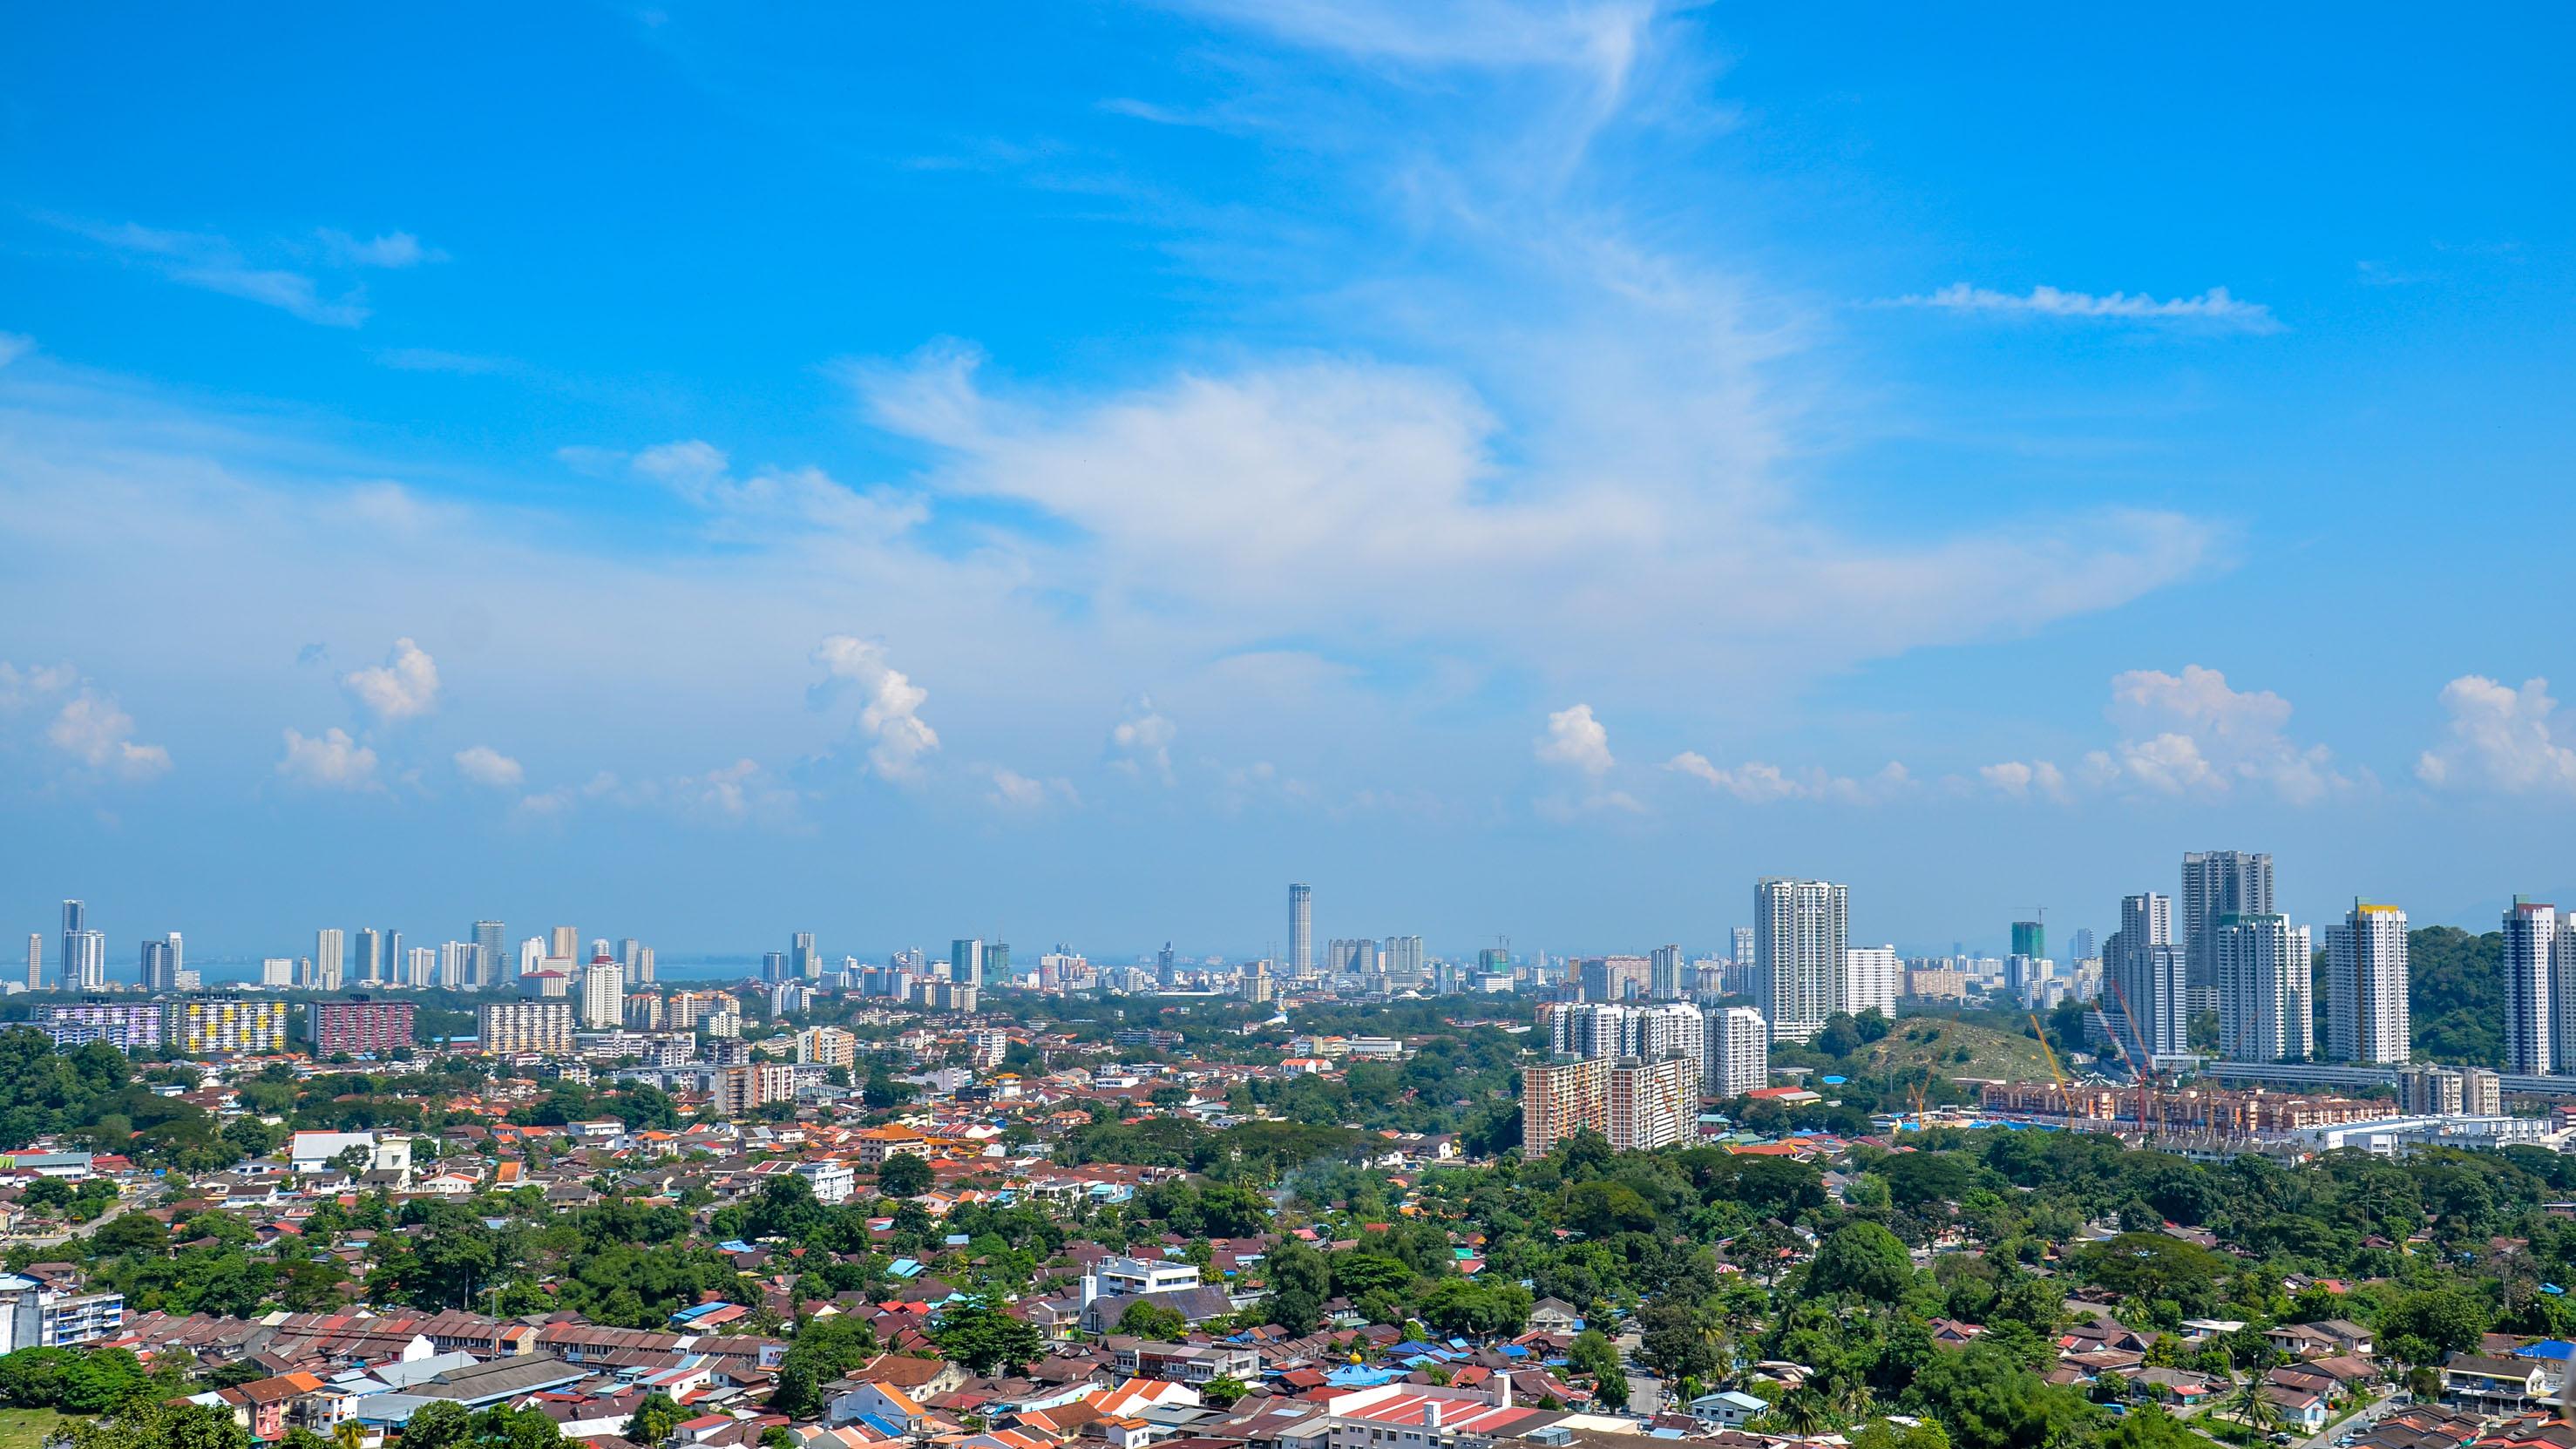 Widok na George Town z tarasu świątyni Kek Lok Si. Penang, Malezja